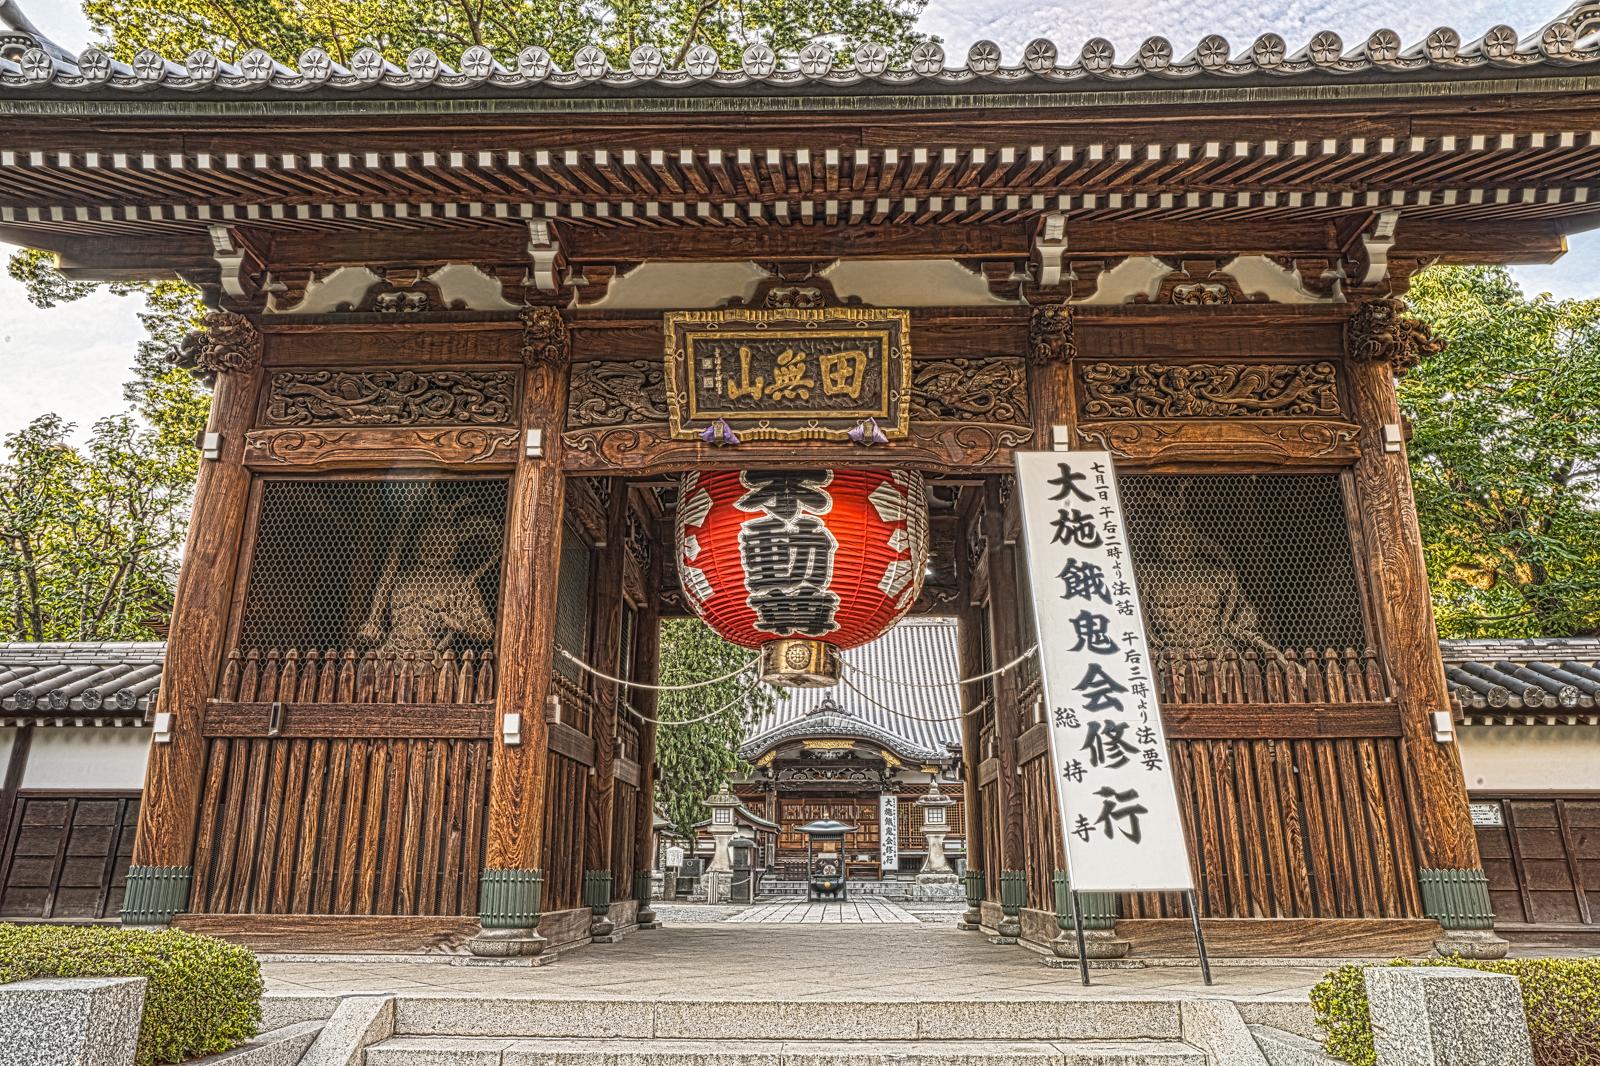 新東京百景 田無山、総持寺の仁王門正面の写真